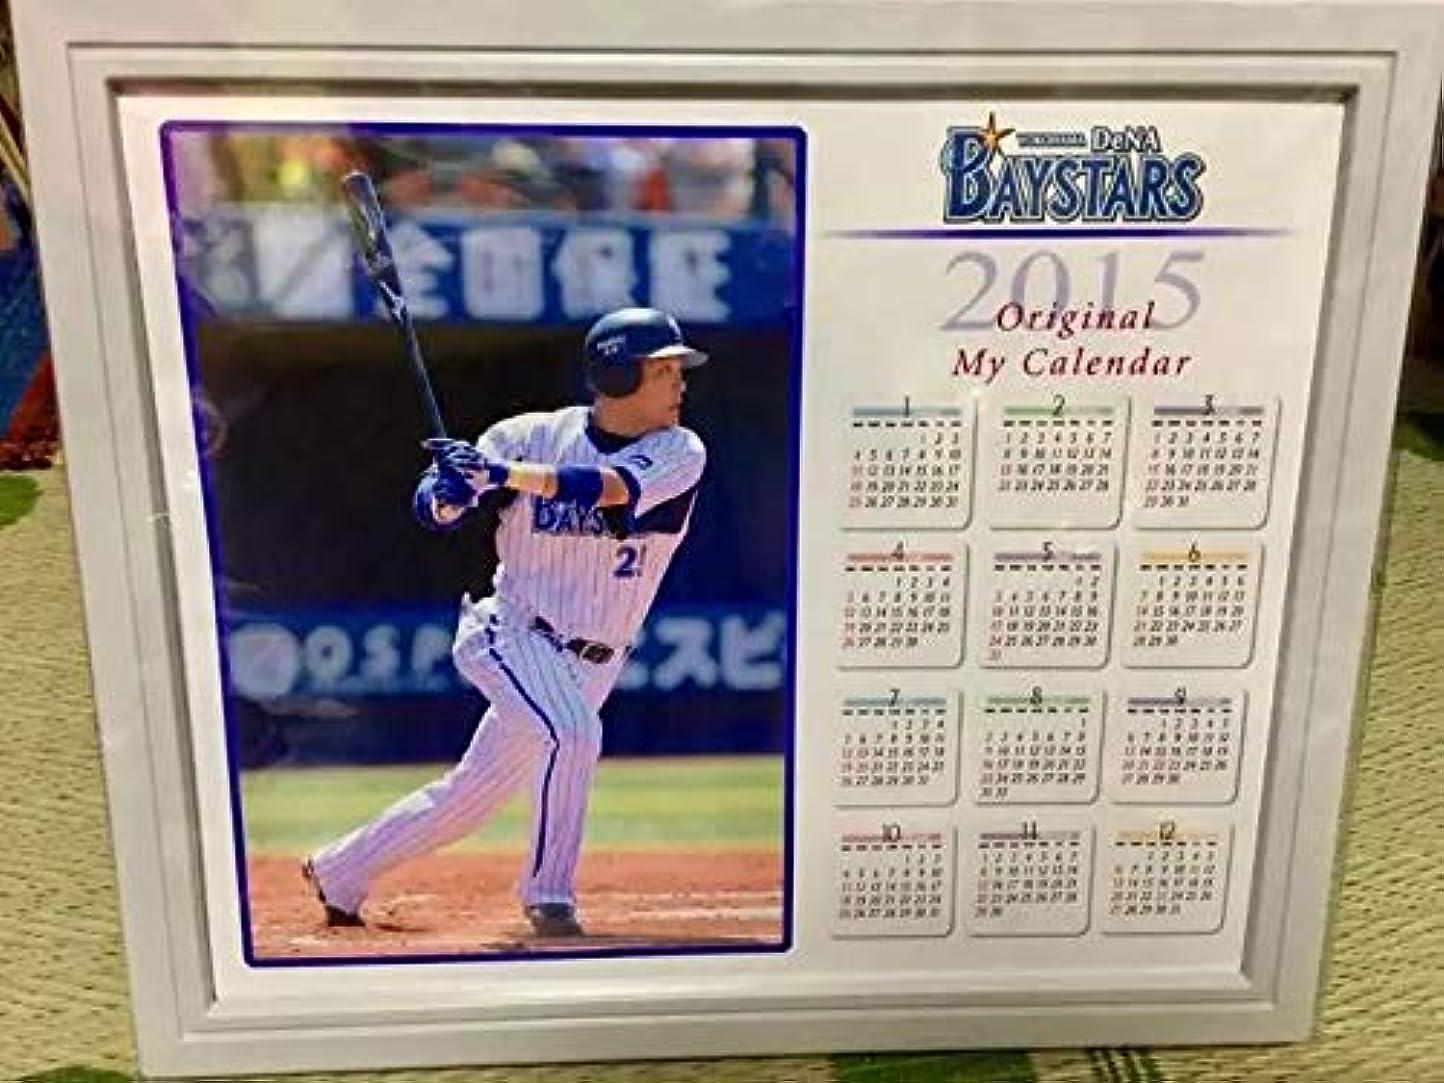 免疫する吹きさらし魅惑的な横浜DeNAベイスターズ筒香嘉智選手2015カレンダー